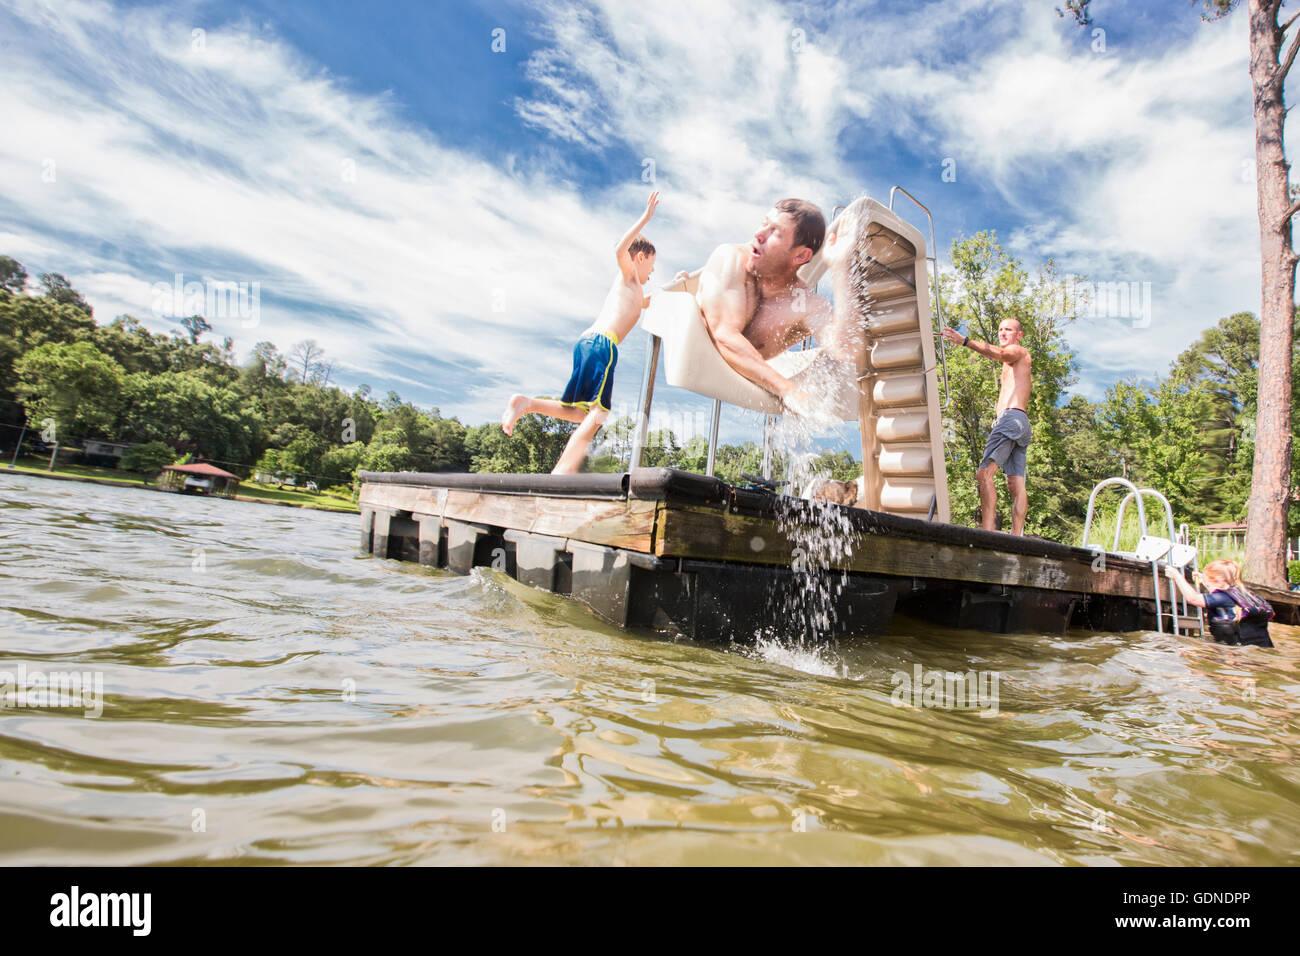 Mann nach unten bewegen, Kopf zuerst auf Pier Folie am Jackson Lake, Georgia, USA Stockbild